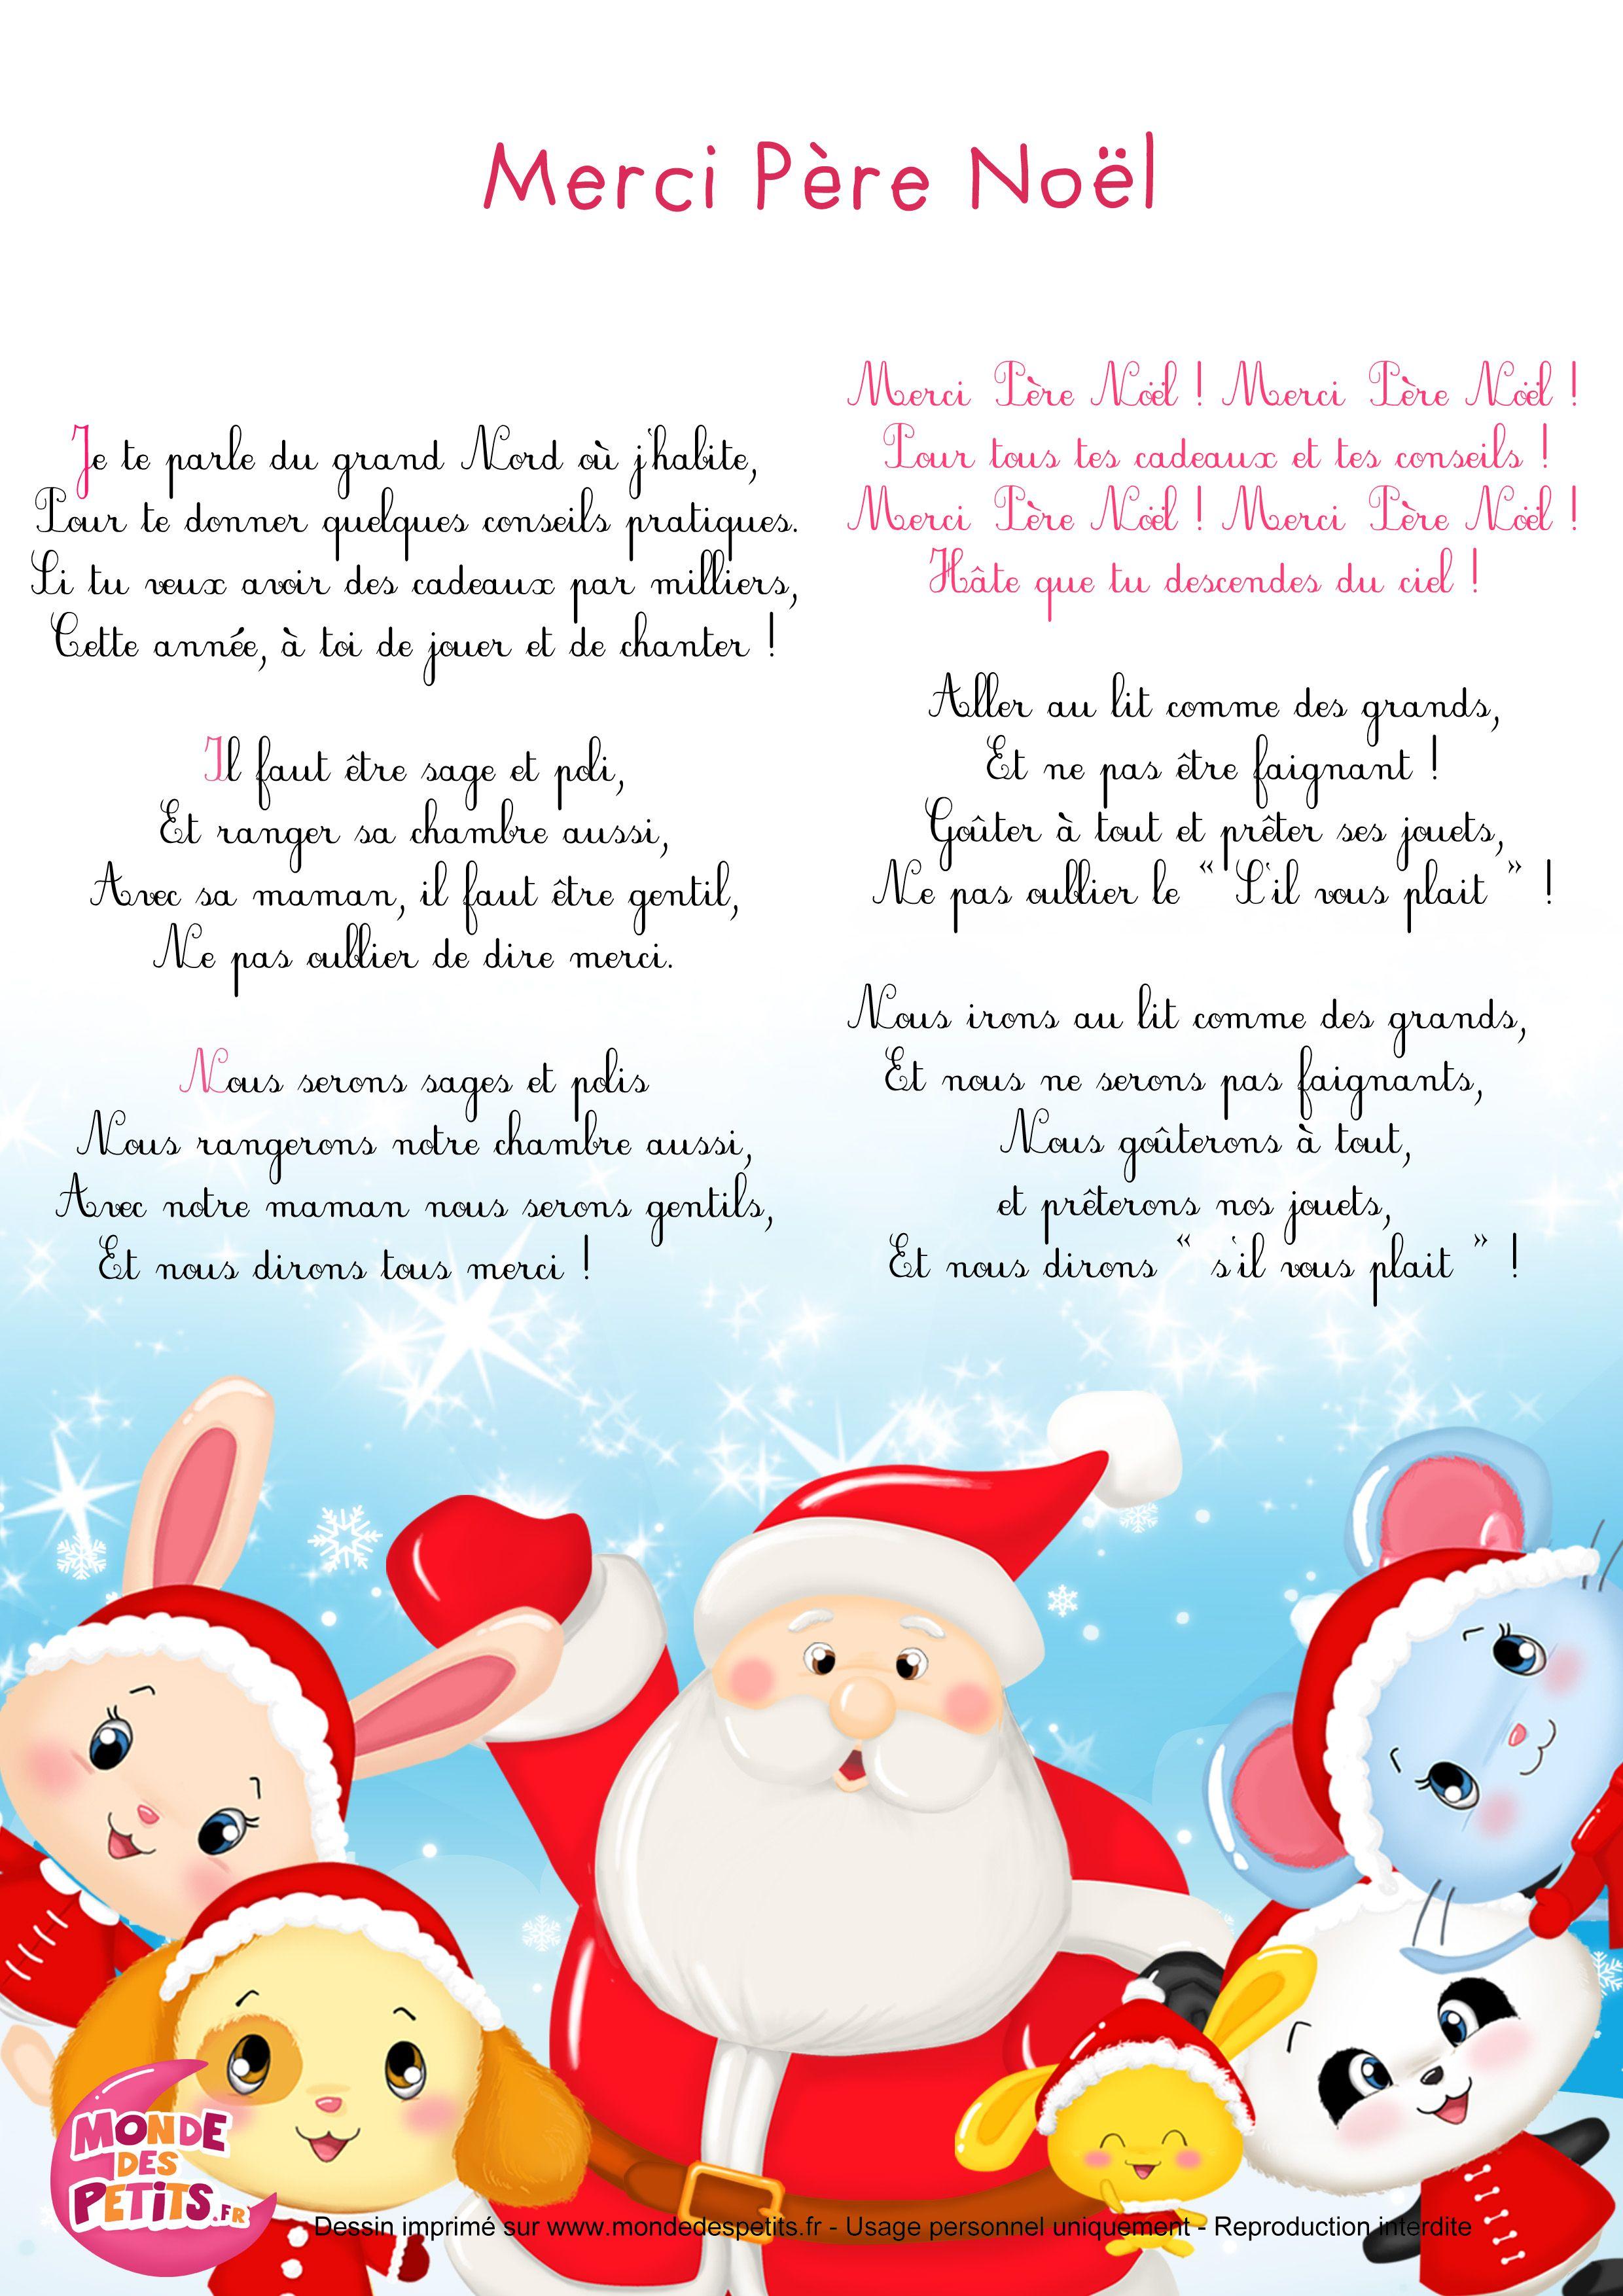 Merci Père Noël | Chanson de noel, Comptines de noel, Chanson enfantine